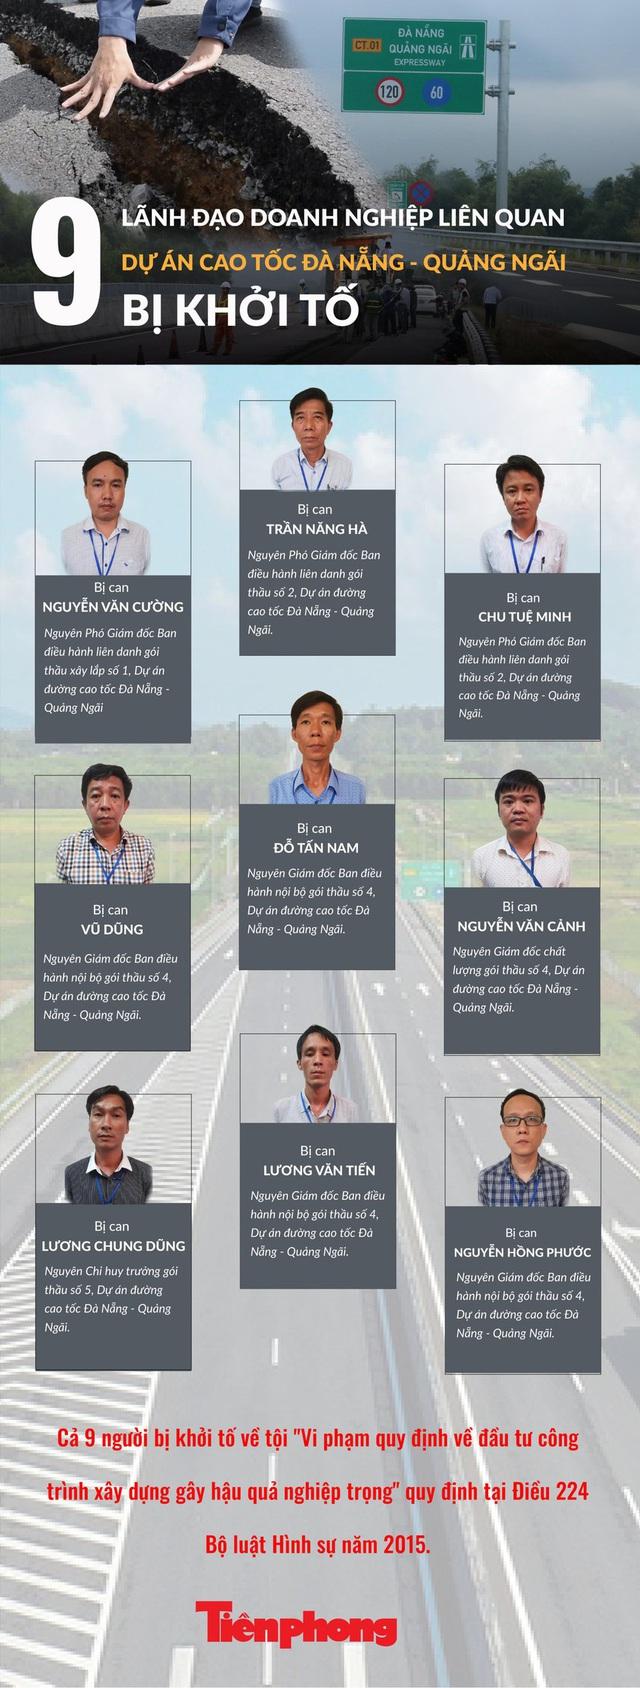 9 lãnh đạo doanh nghiệp liên quan đến cao tốc Đà Nẵng - Quảng Ngãi vừa bị khởi tố là ai? - Ảnh 1.